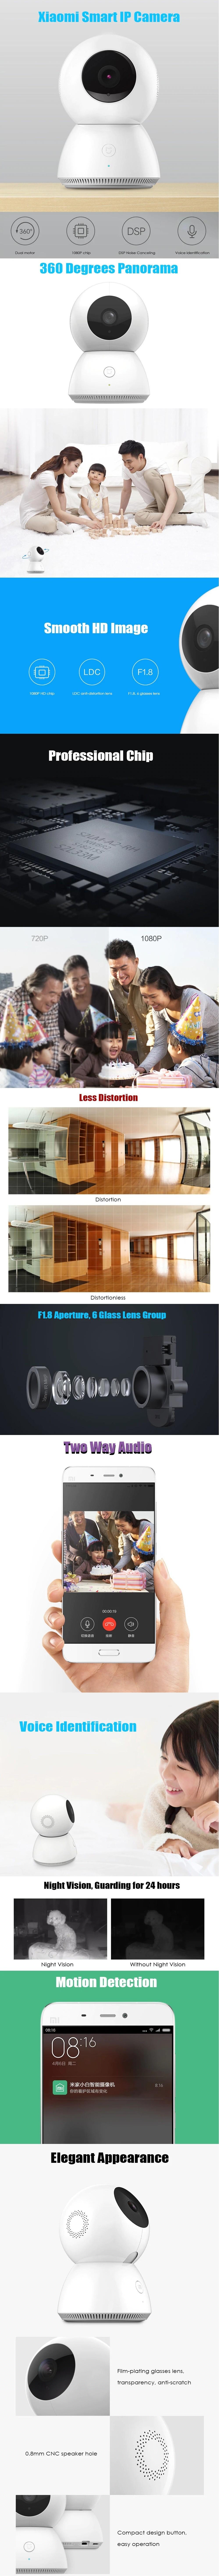 prezentare-camera-xiaomi-360f4cb946e2687479e.jpg